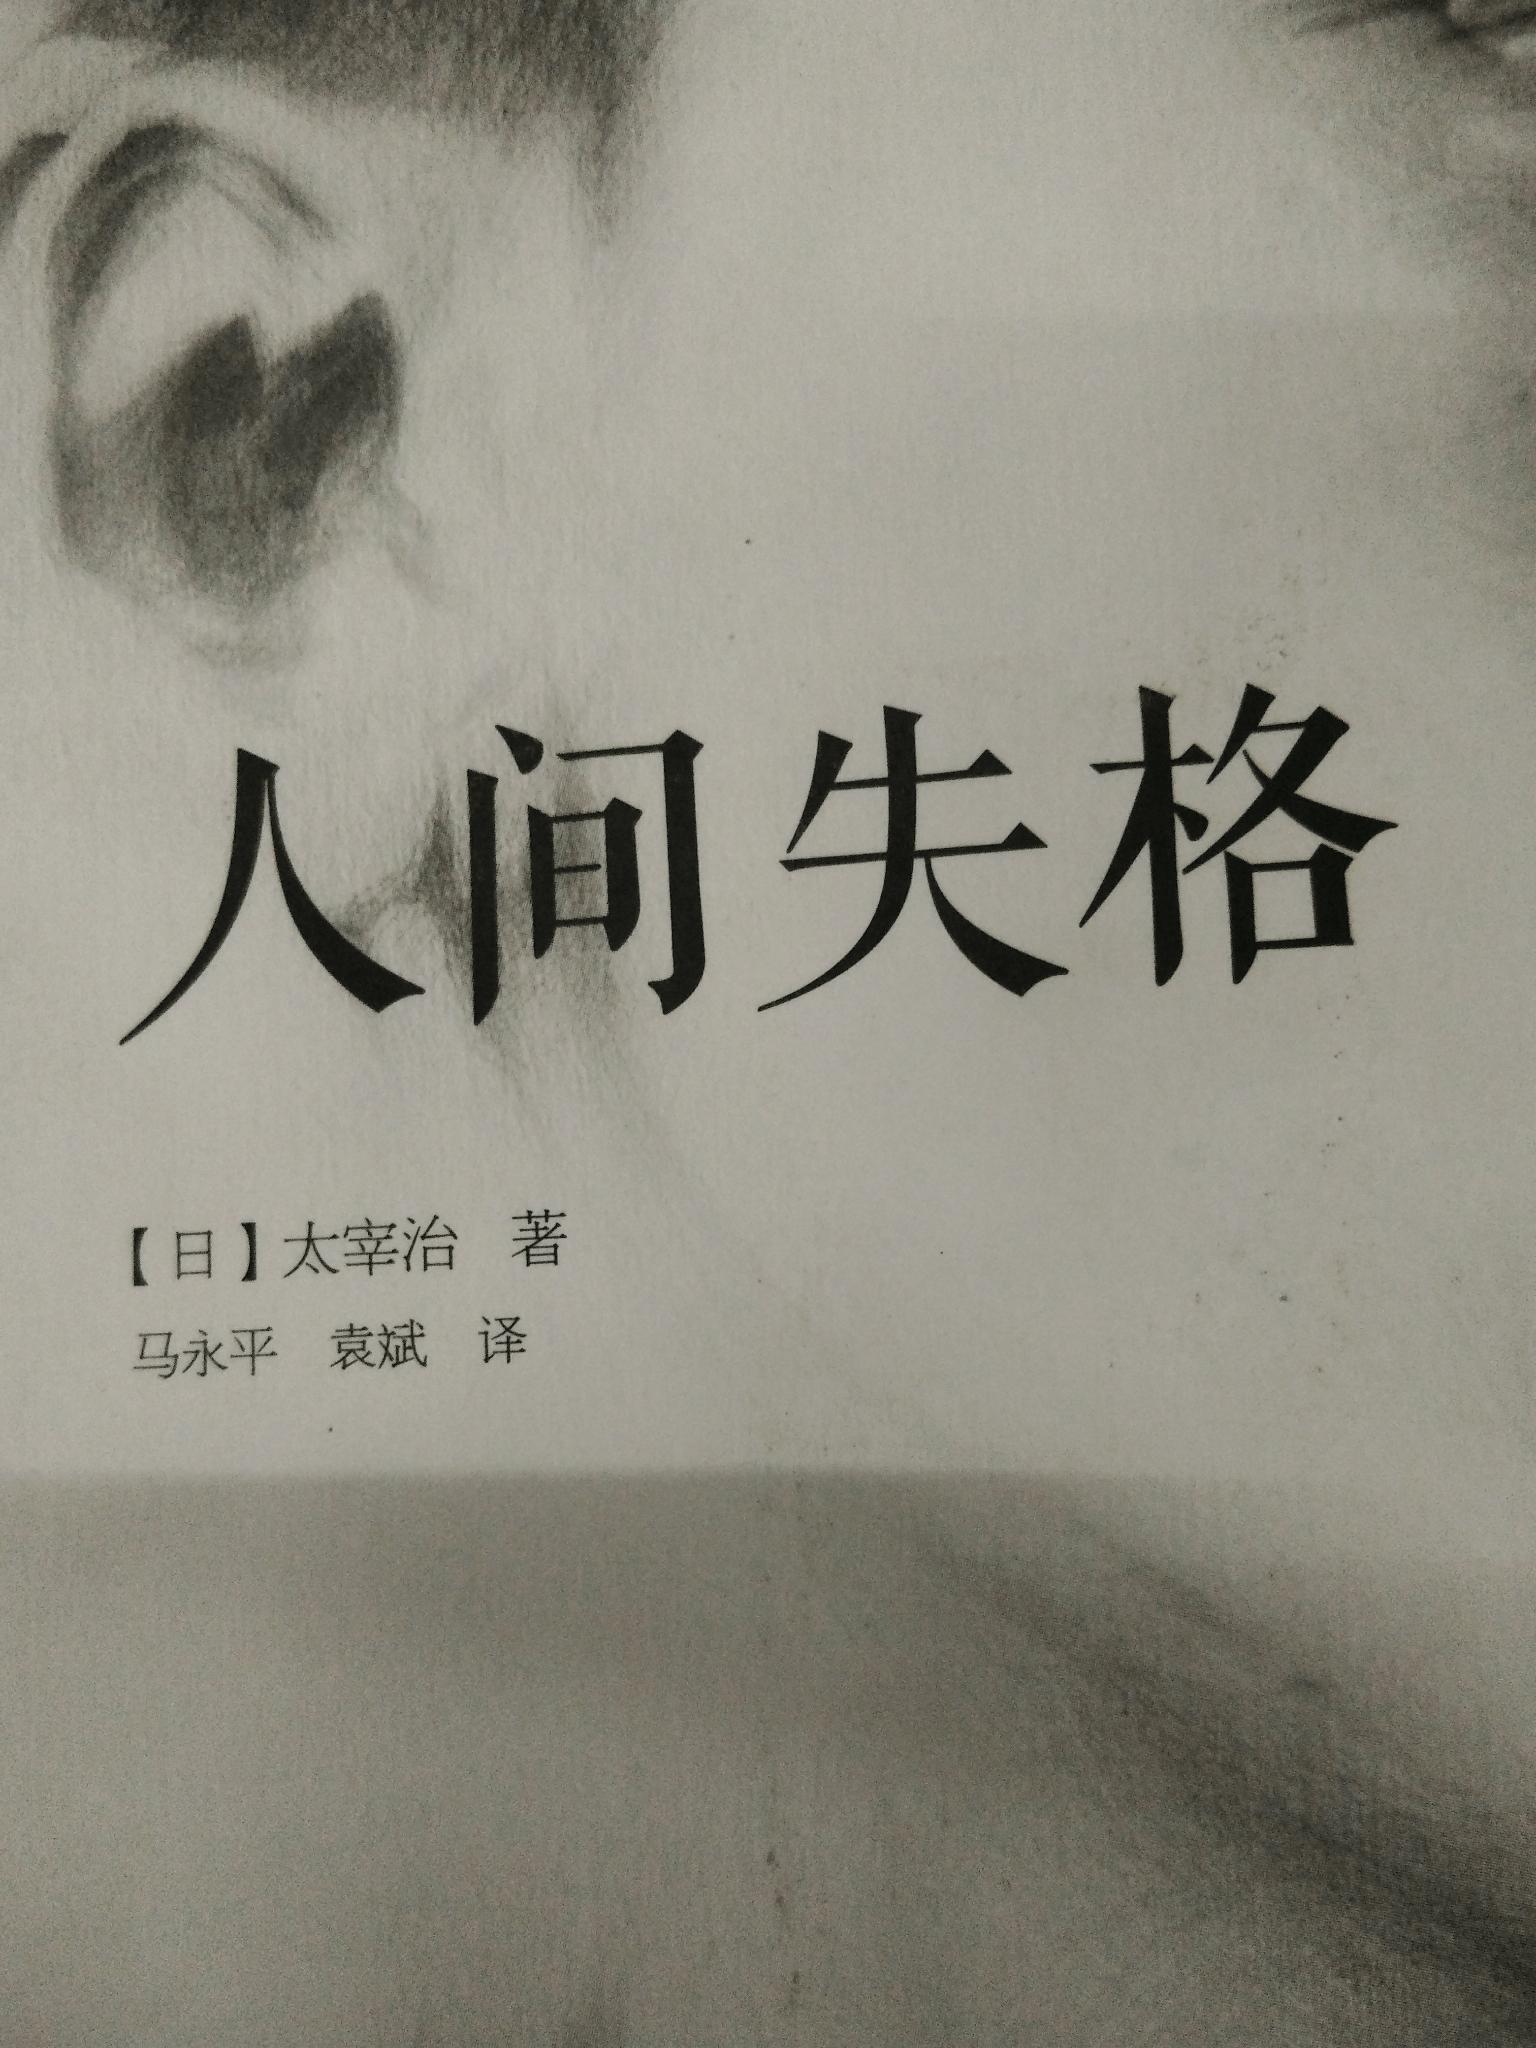 《人間失格》哪個中譯本好? - 知乎